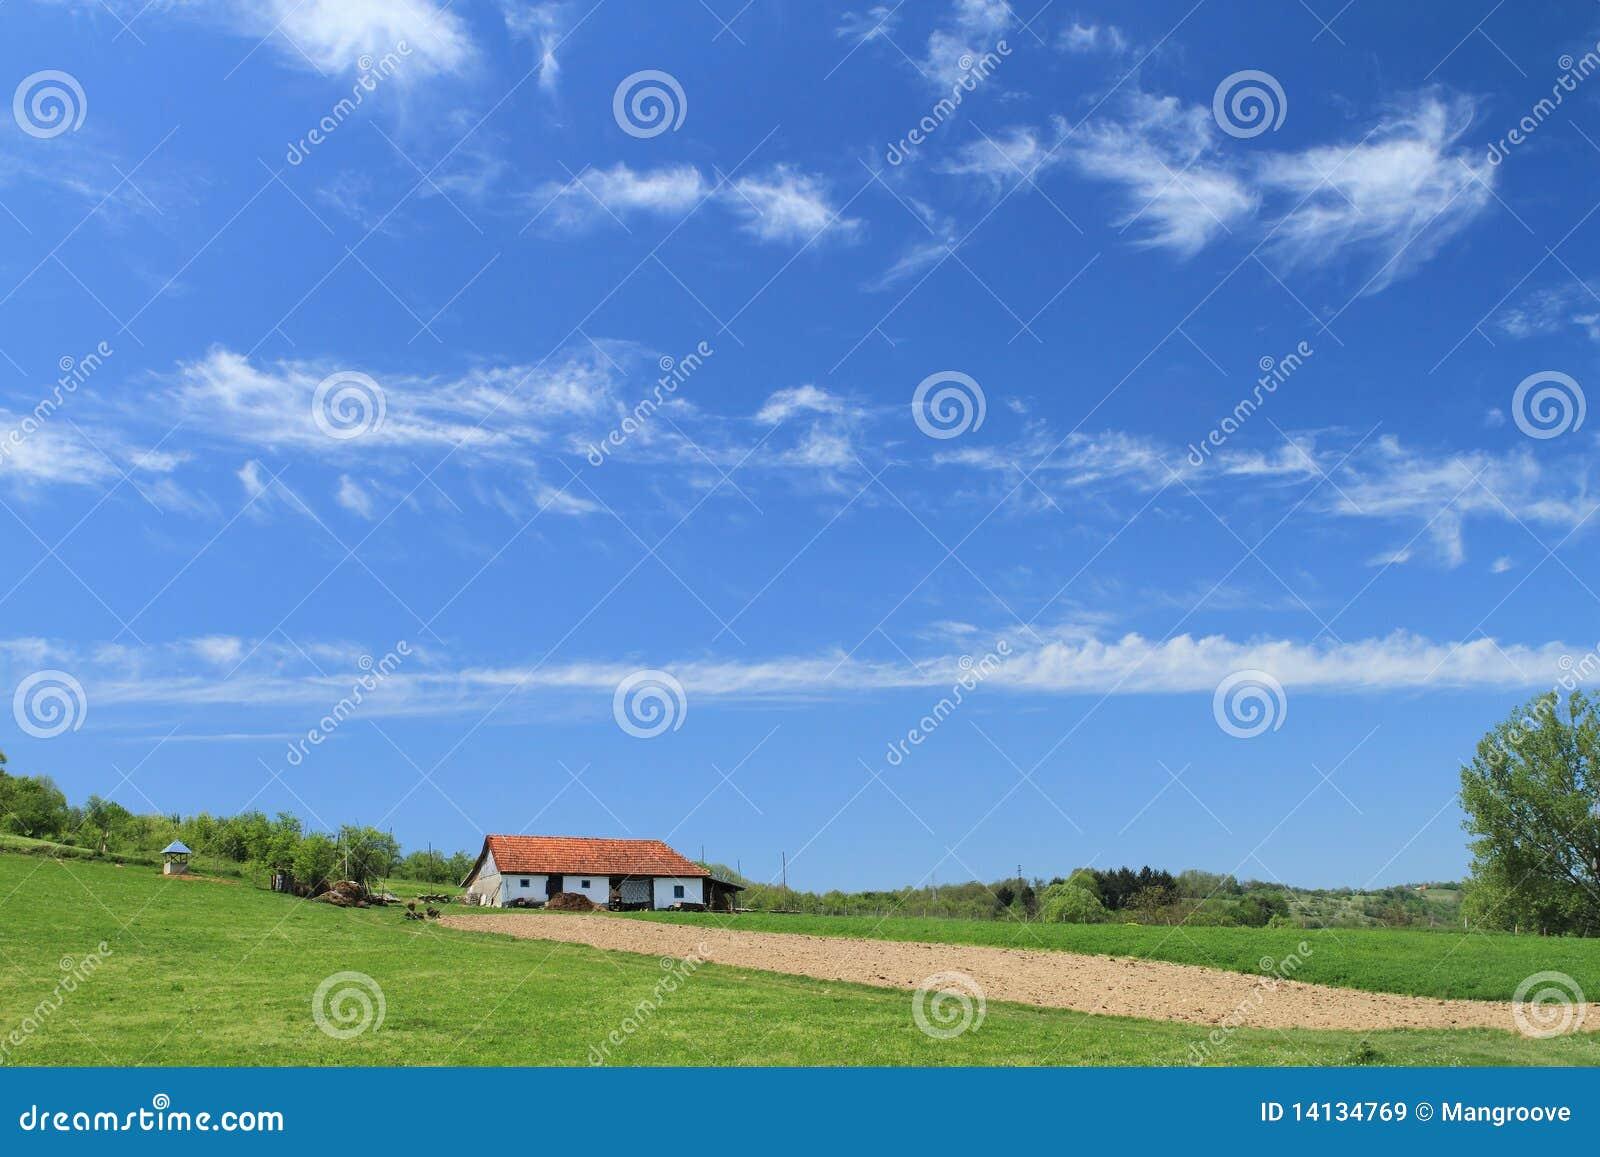 Maison de ferme et cordon cultivé